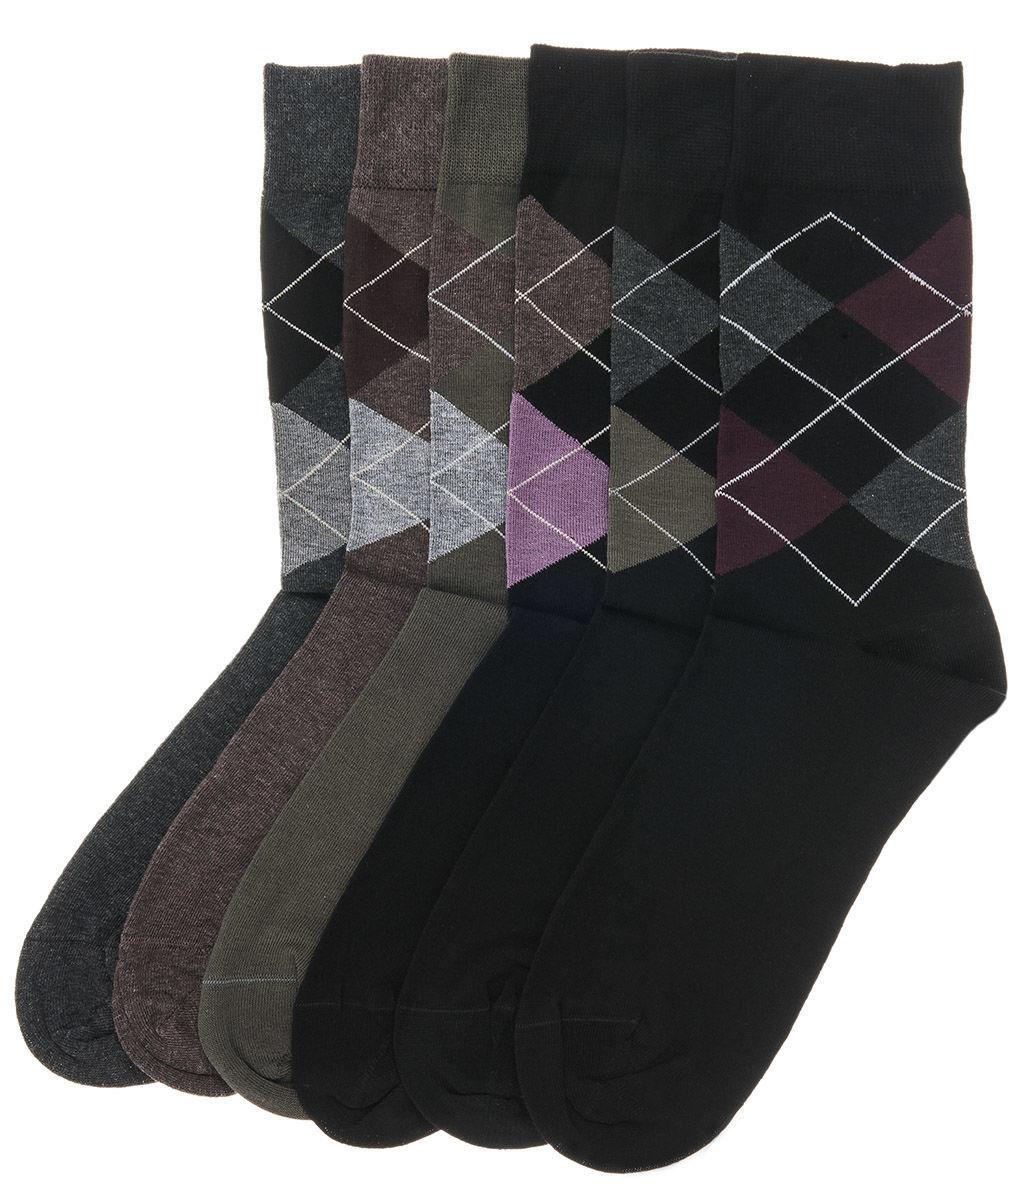 Ανδρικά   Ρούχα   Εσώρουχα   Κάλτσες   Μποξεράκι Ανδρικό Sloggi ... 22b451c1cbd